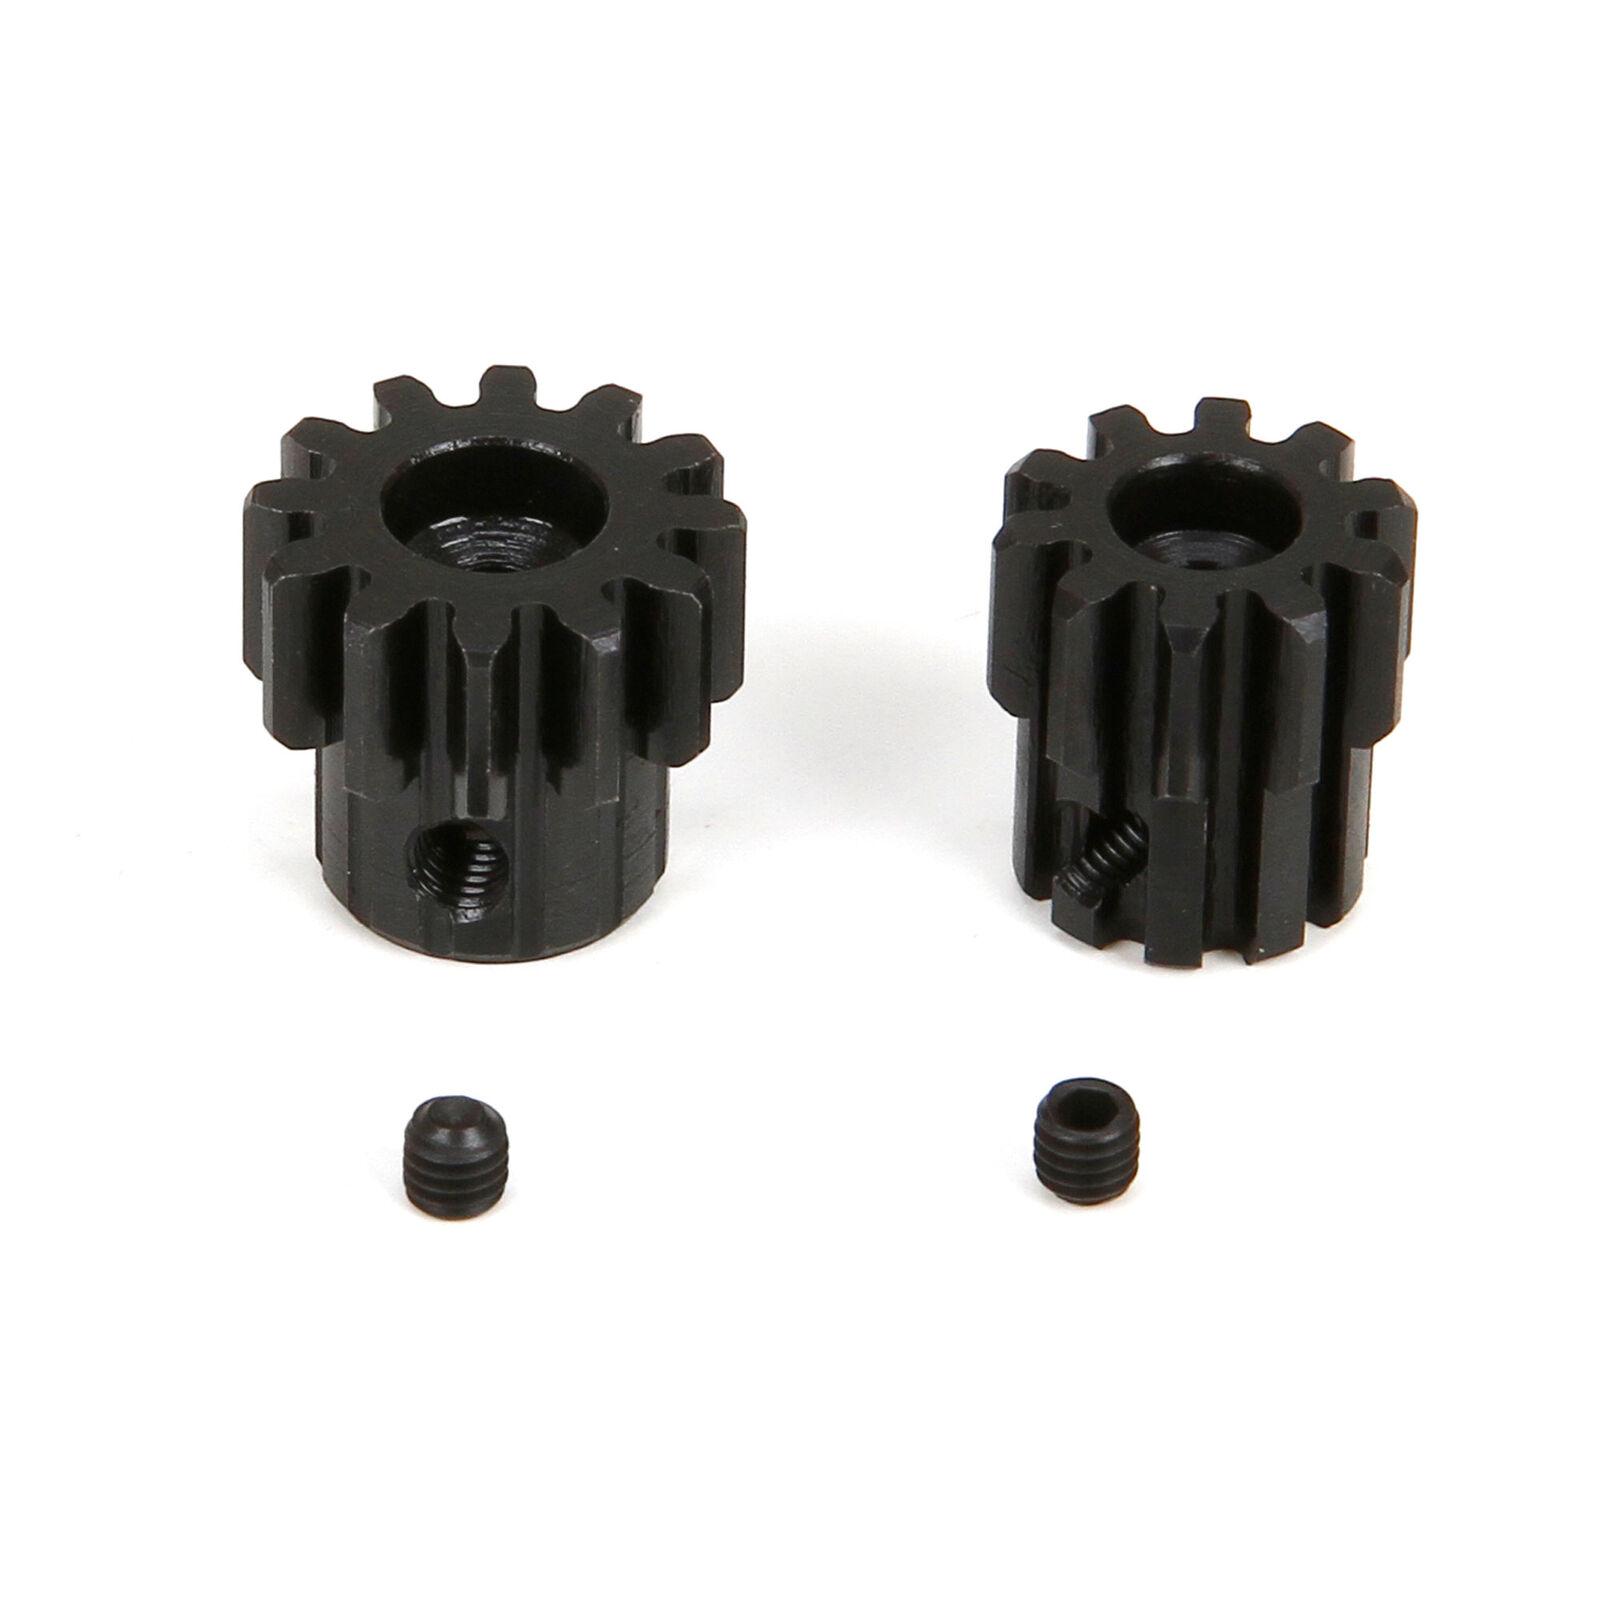 Pinion Gear, 9T/12T x 3mm, Mod 1